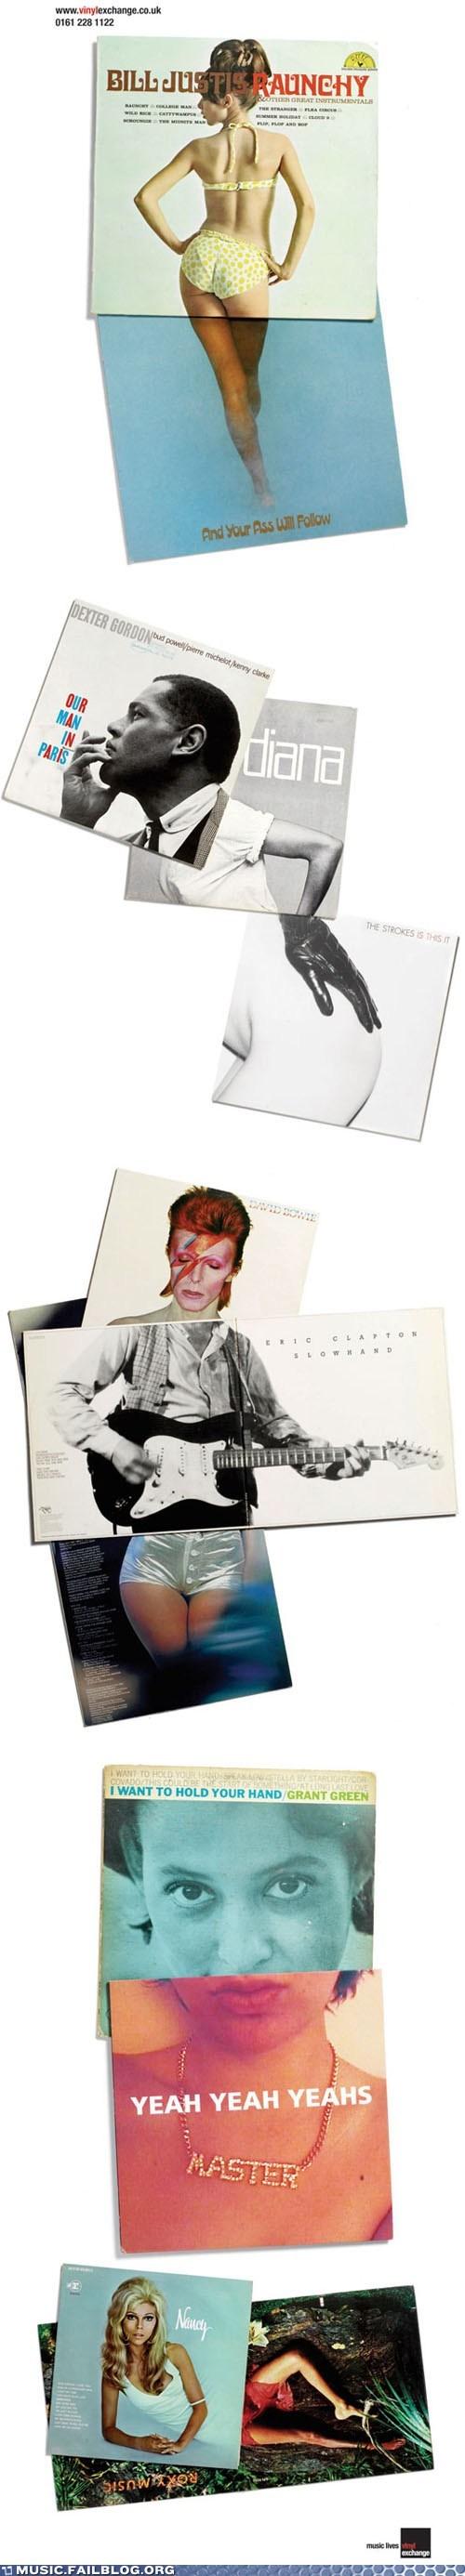 album album covers covers vinyl - 6470528512